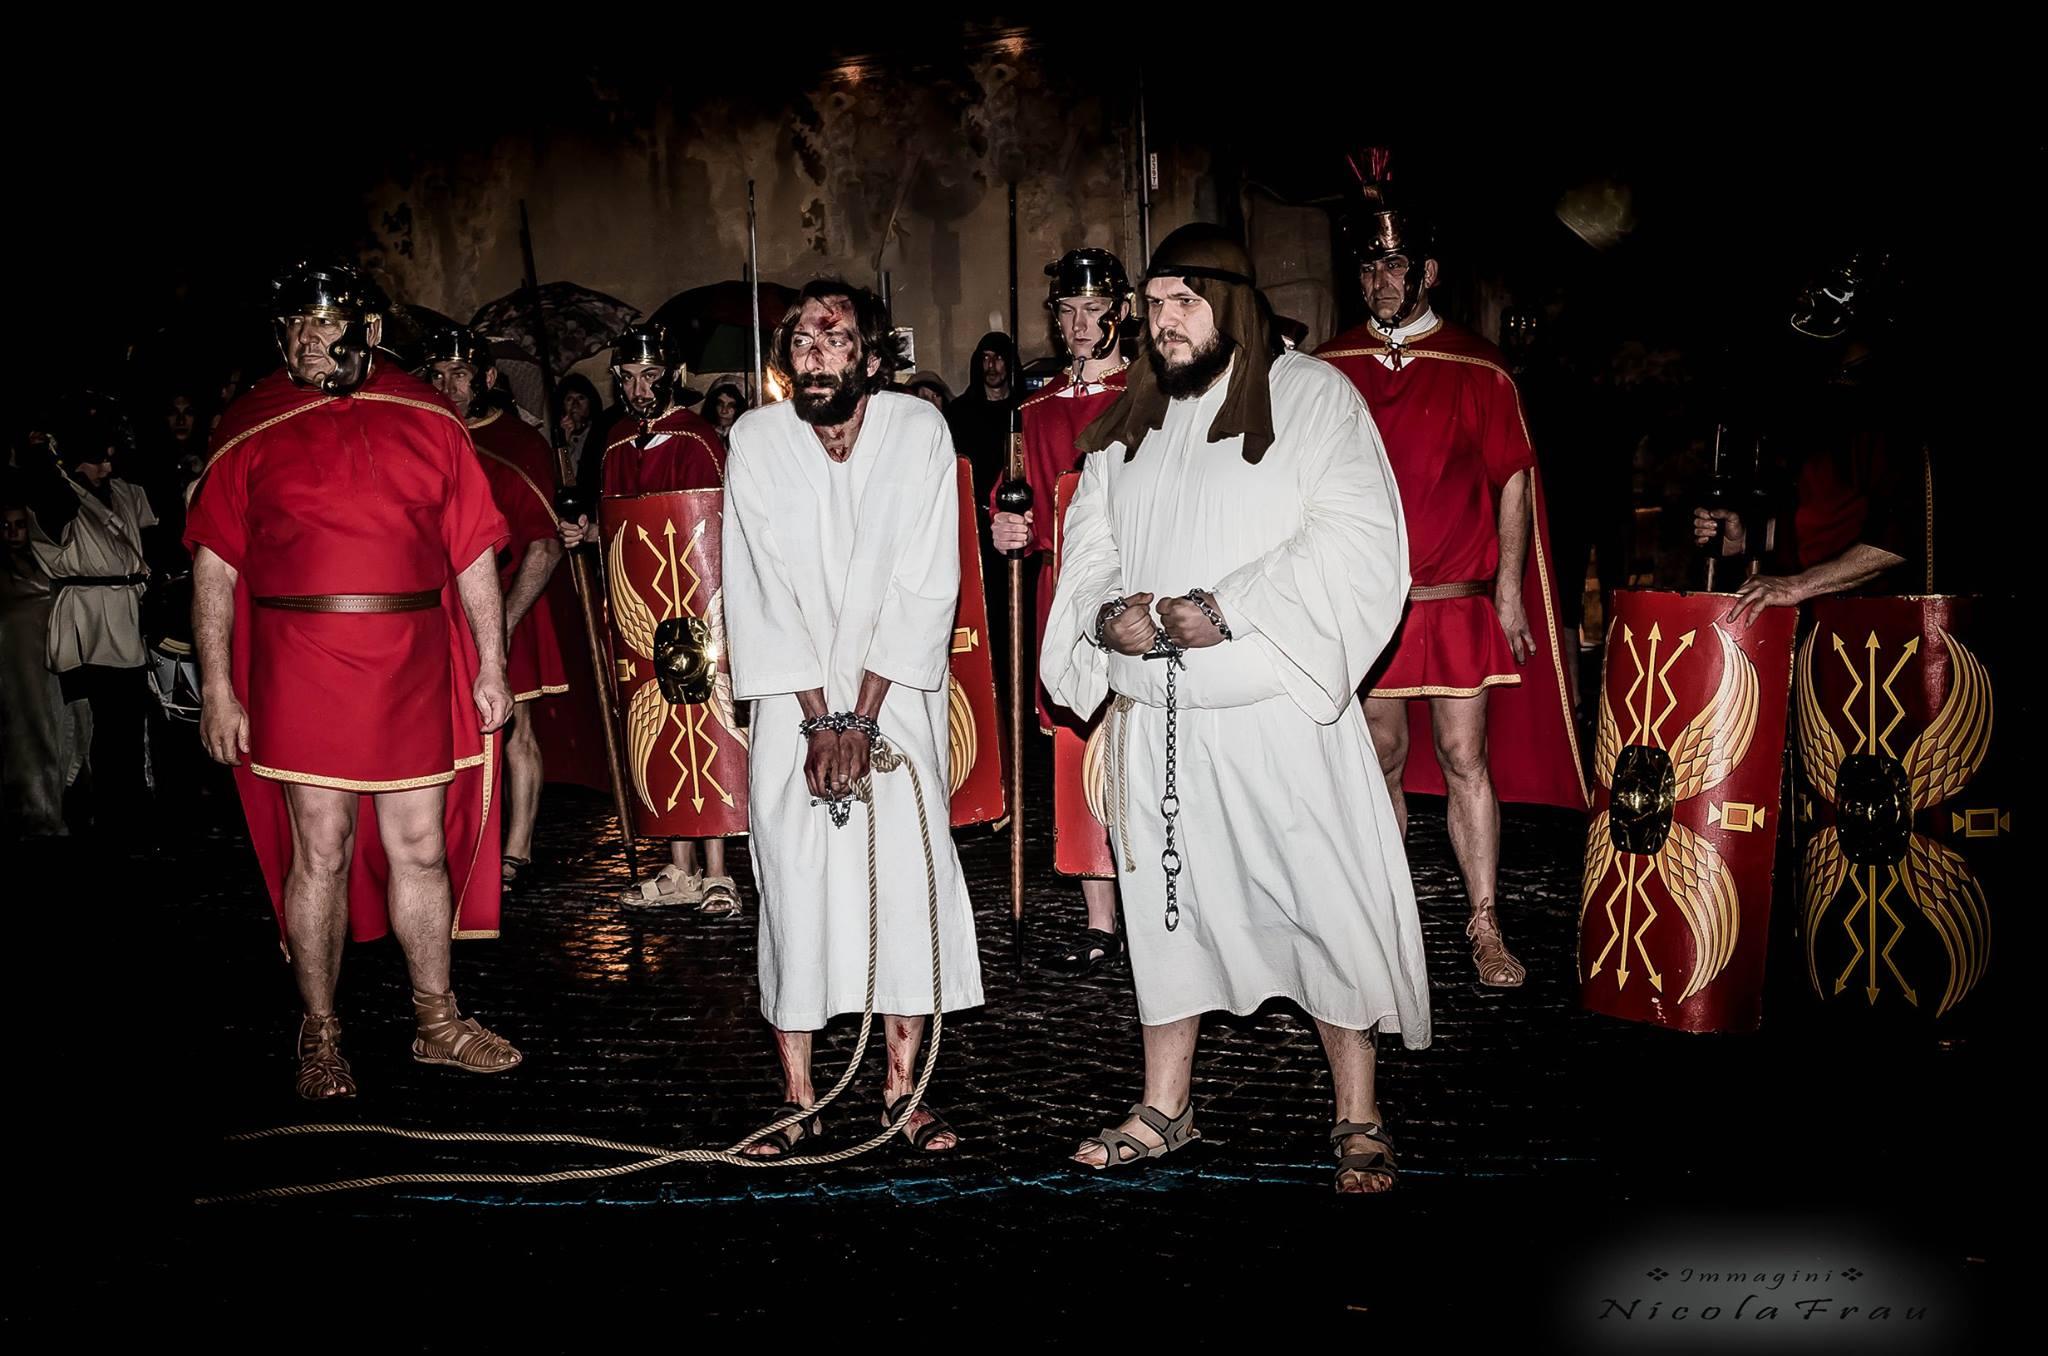 Passione di Cristo Ivrea 2017 - UNESCO - Nicola Frau (Cristo e Barabba)